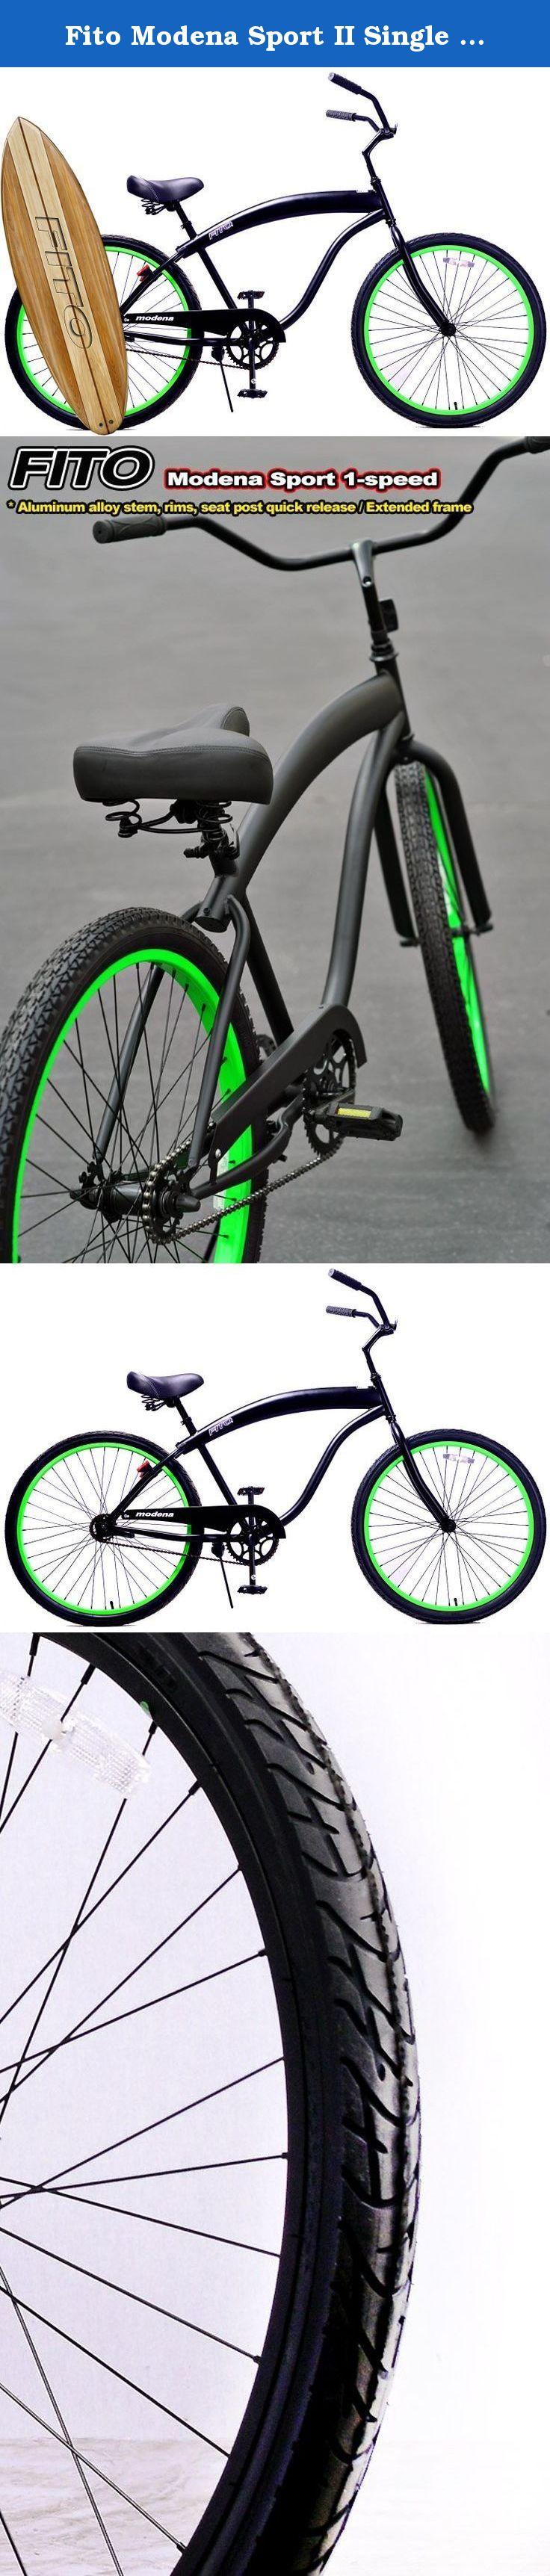 Fito Modena Sport Ii Single 1 Speed Men Matte Black Neon Green 26 Ecer